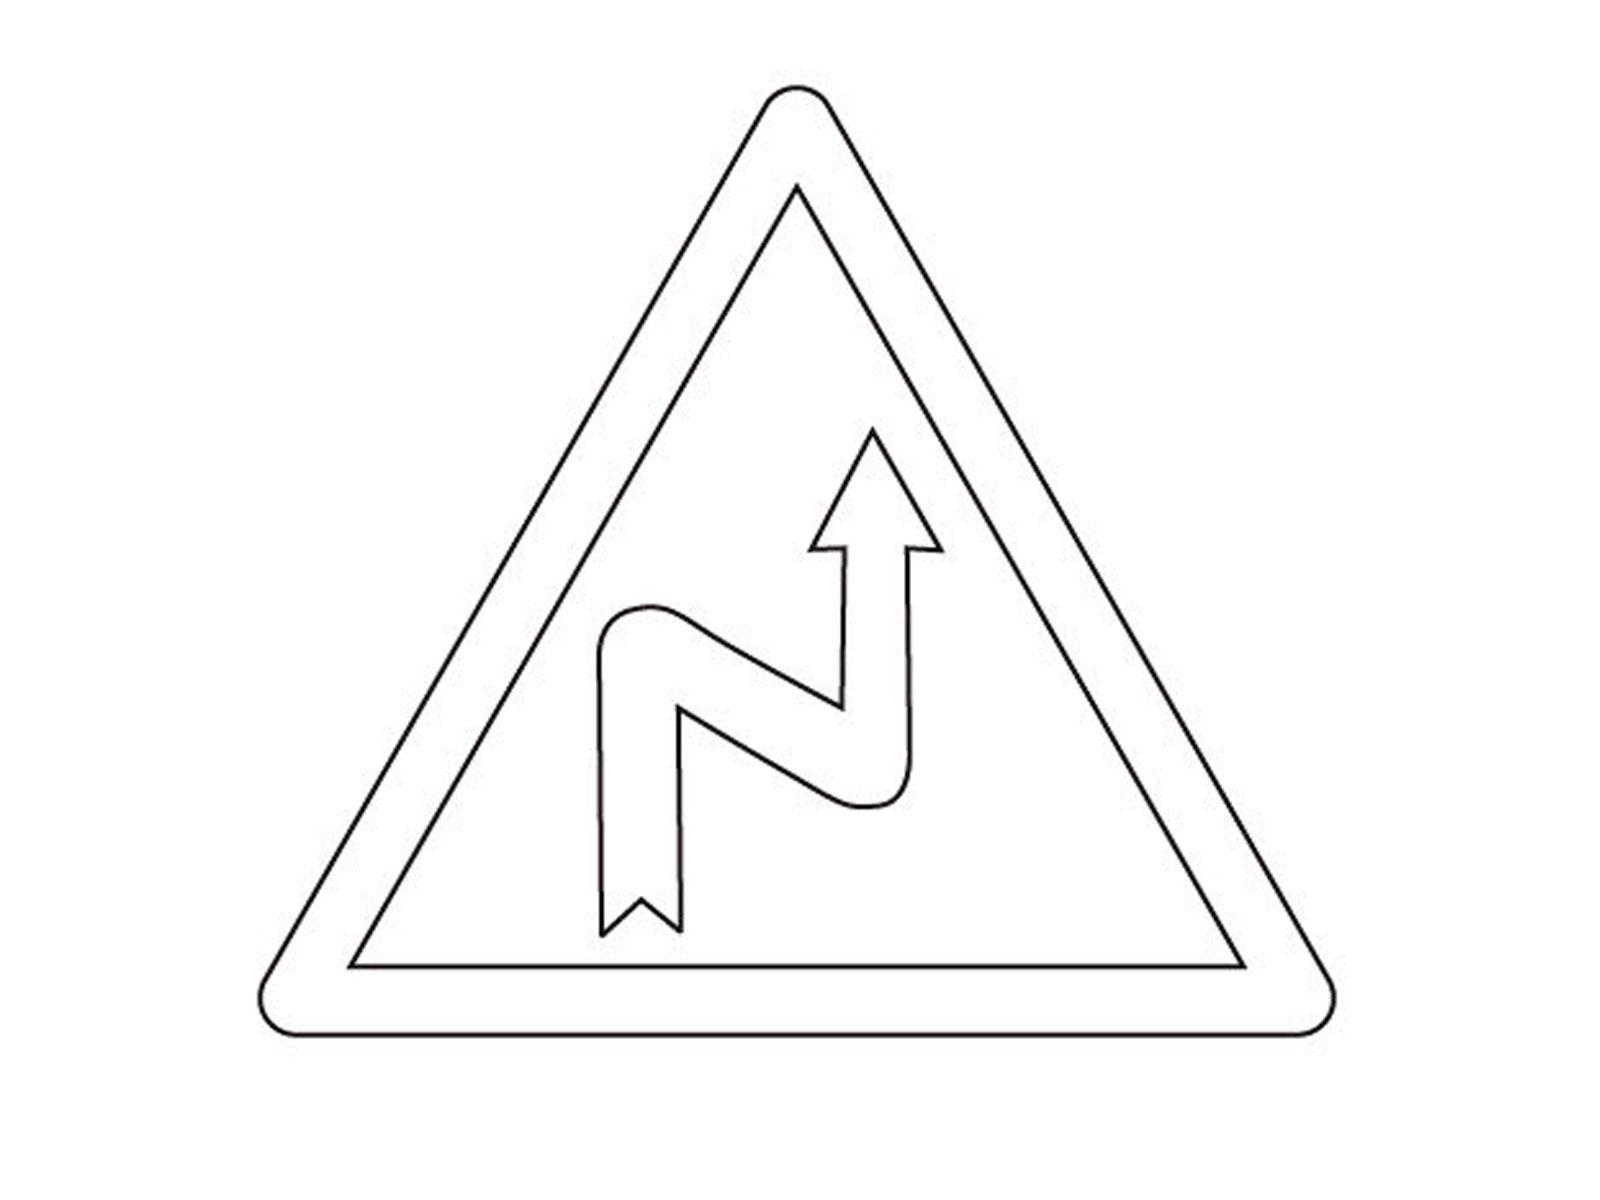 Знаки по правилам дорожного движения в картинках